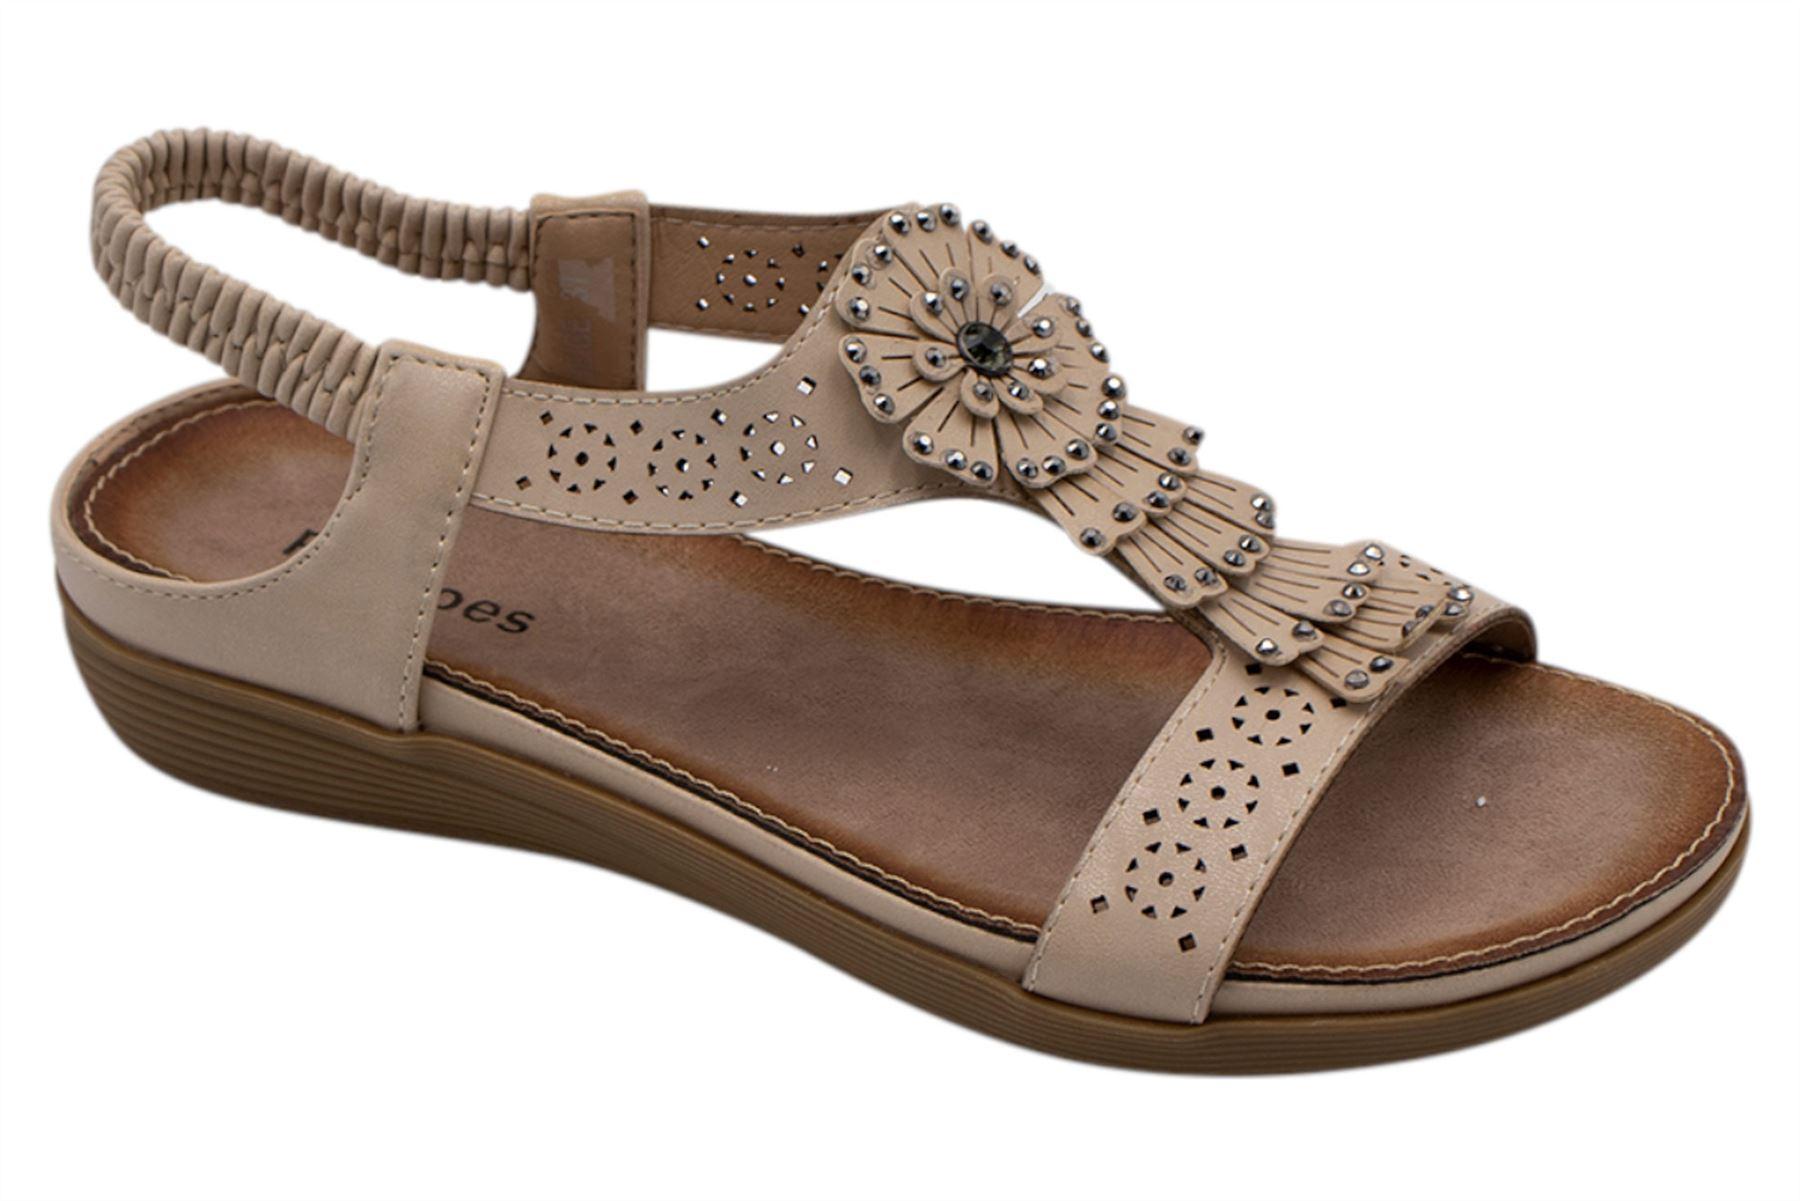 Ladies-Sandals-Womens-Shiny-Flat-Flip-Flop-Beach-Sliders miniatura 8